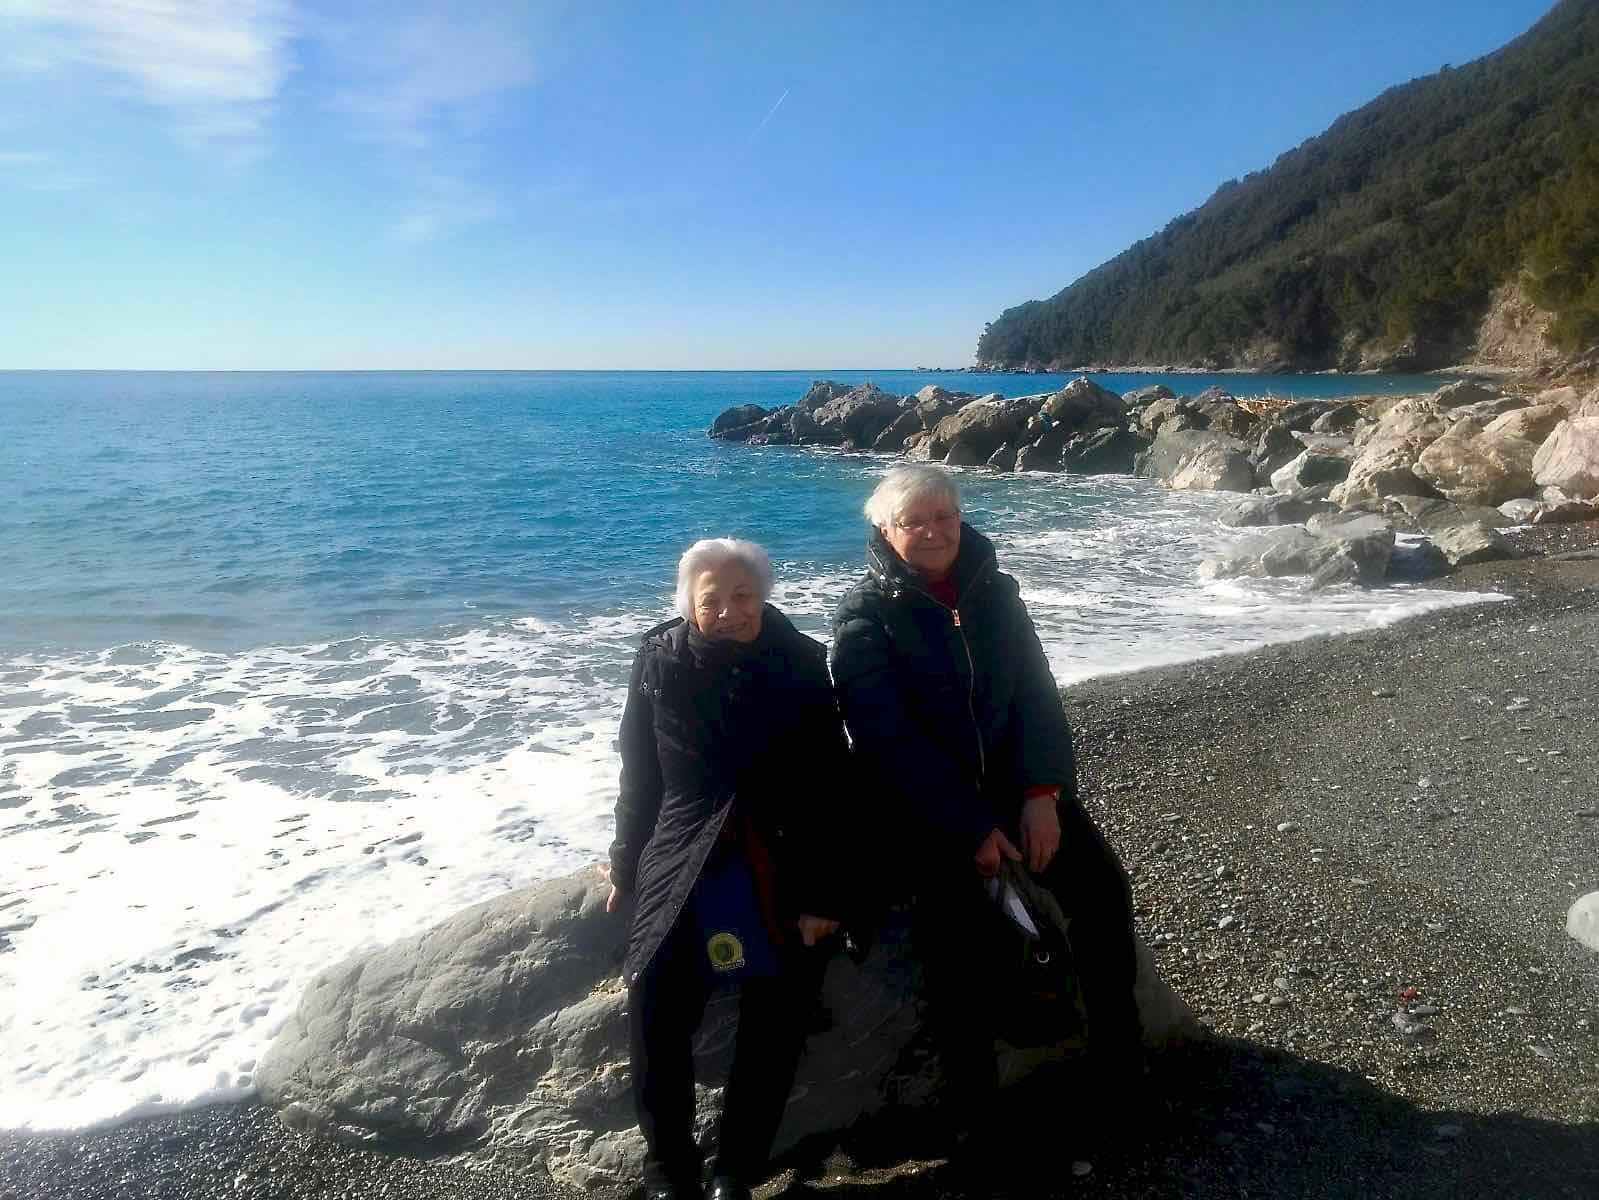 Centro Diurno Anziani - Uscita didattico culturale 2019 01